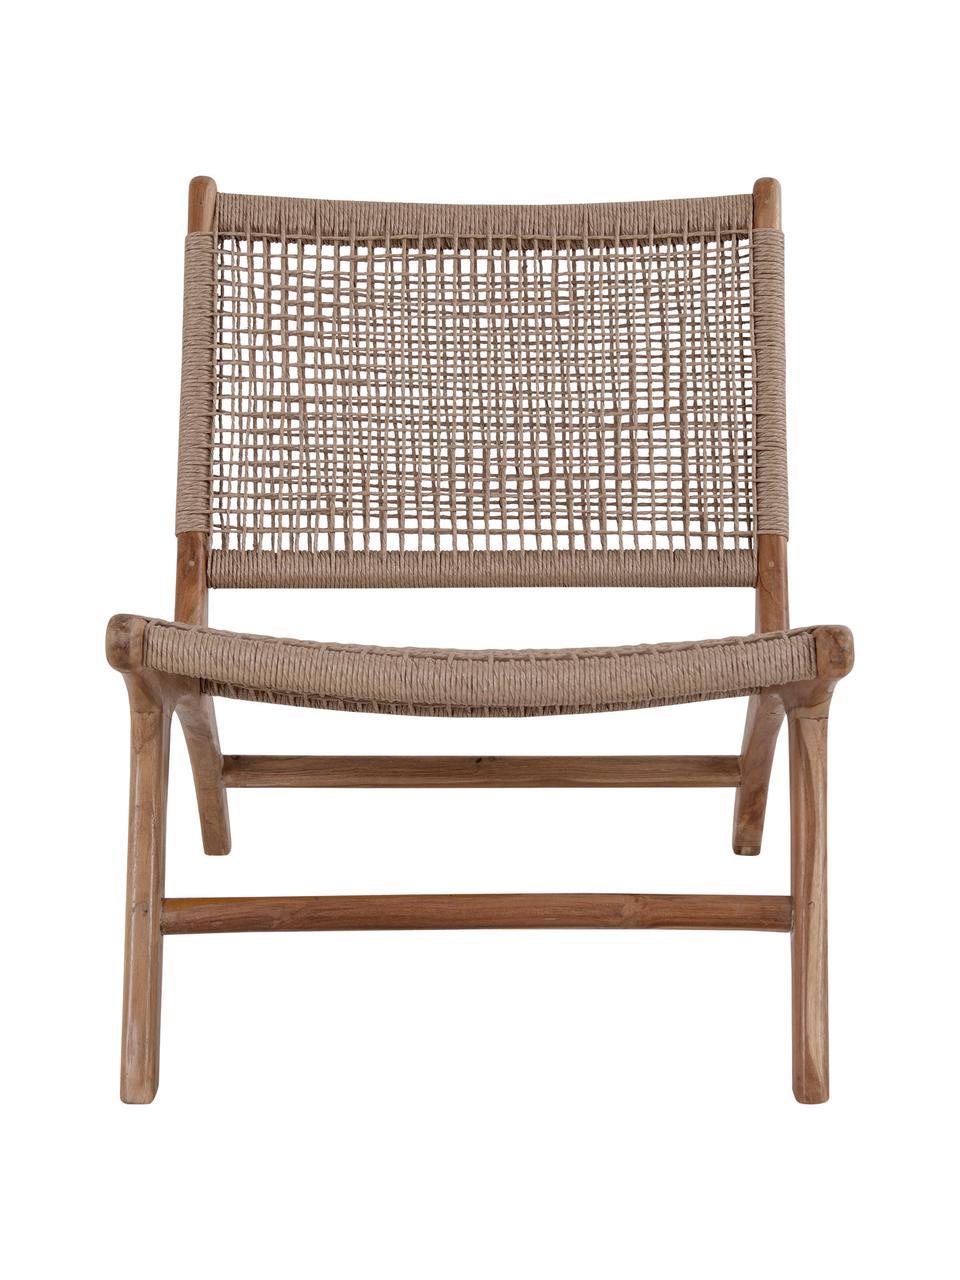 Fotel wypoczynkowy z drewna tekowego Derby, Drewno tekowe, beżowy, S 60 x G 80 cm